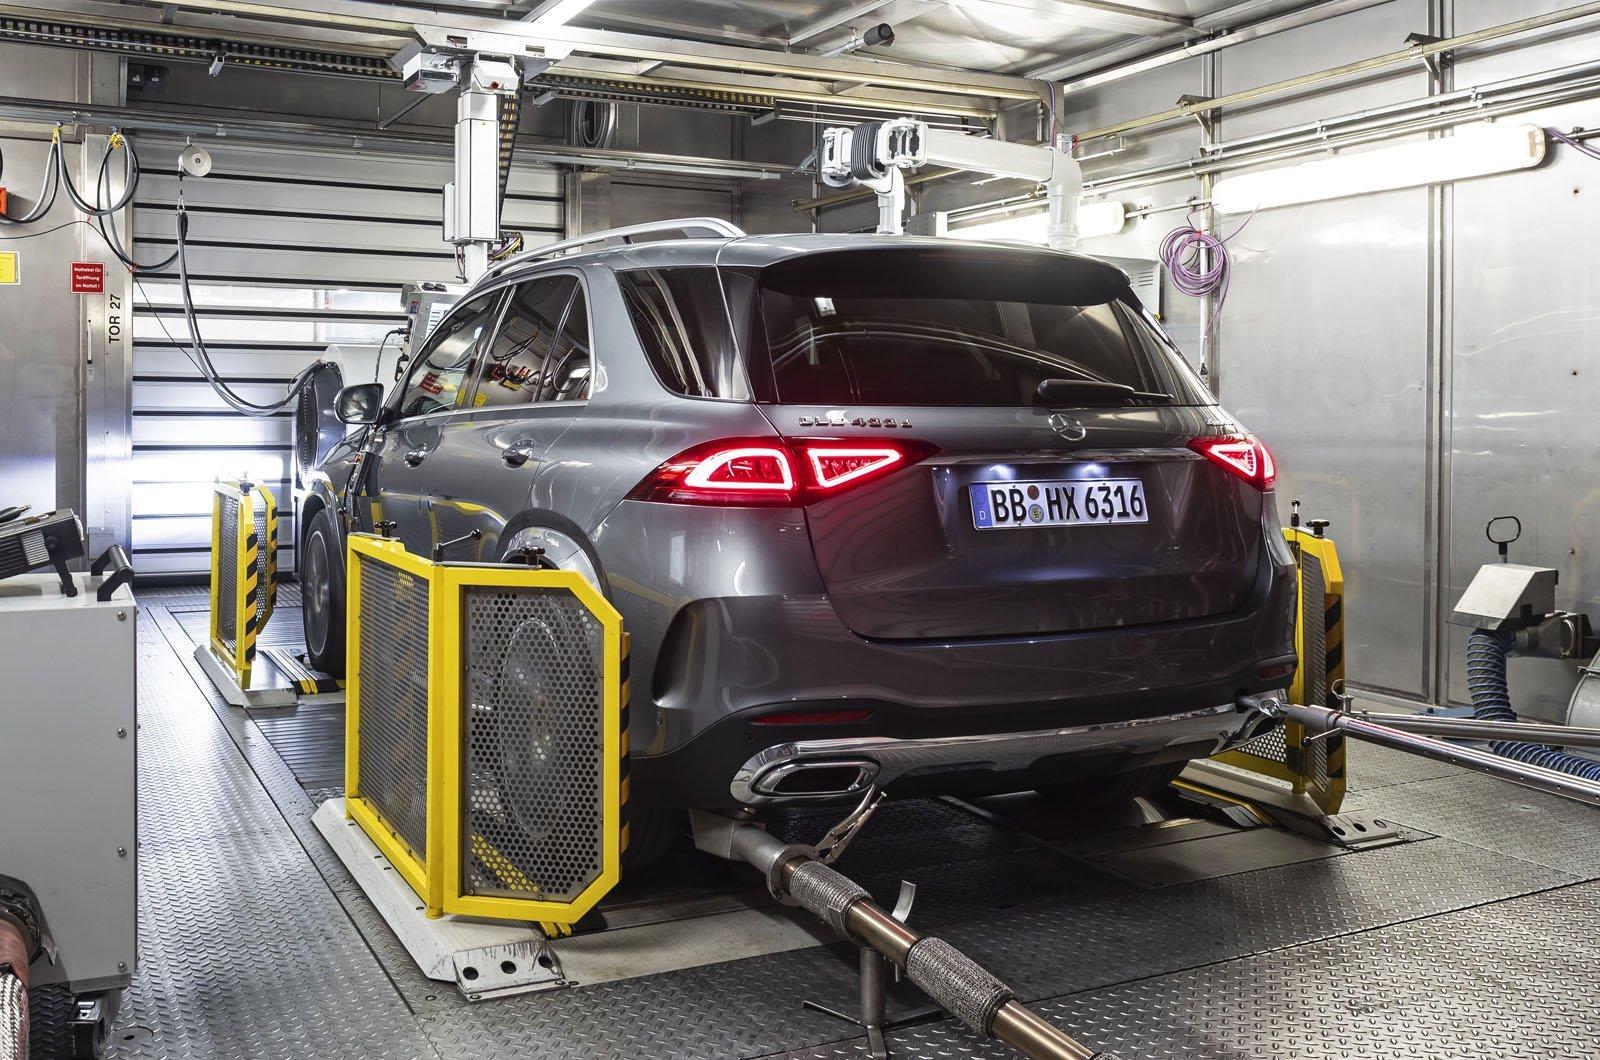 Mercedes GLE laboratory emissions testing